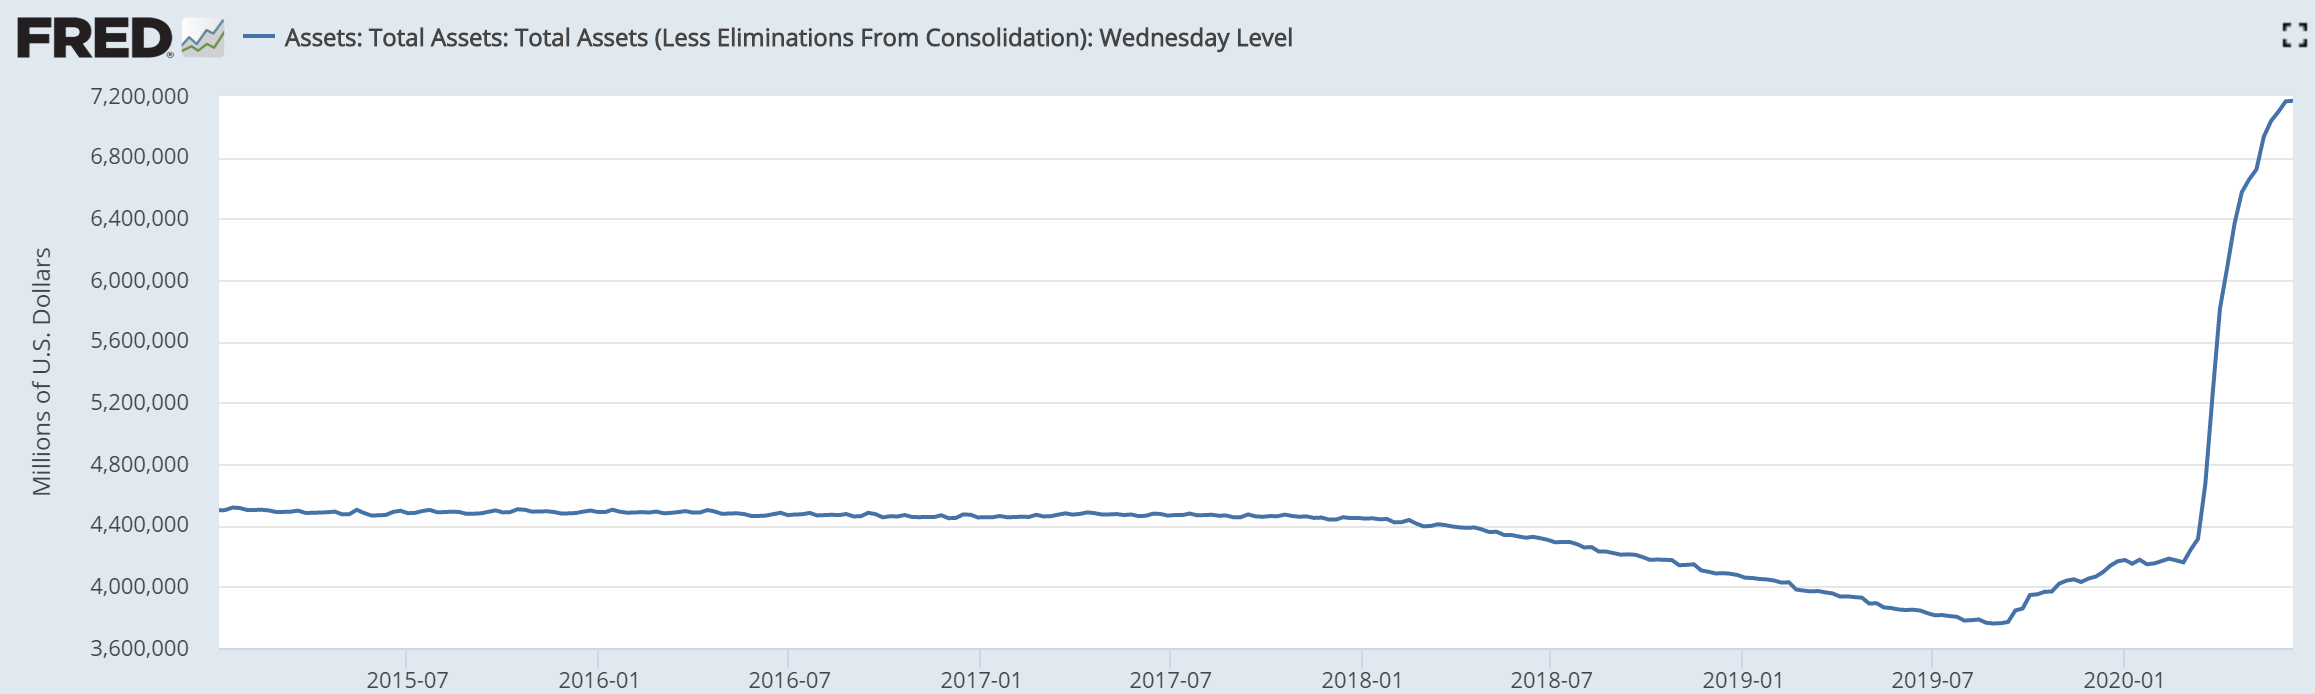 Fed Balance Sheet, 2015-2020